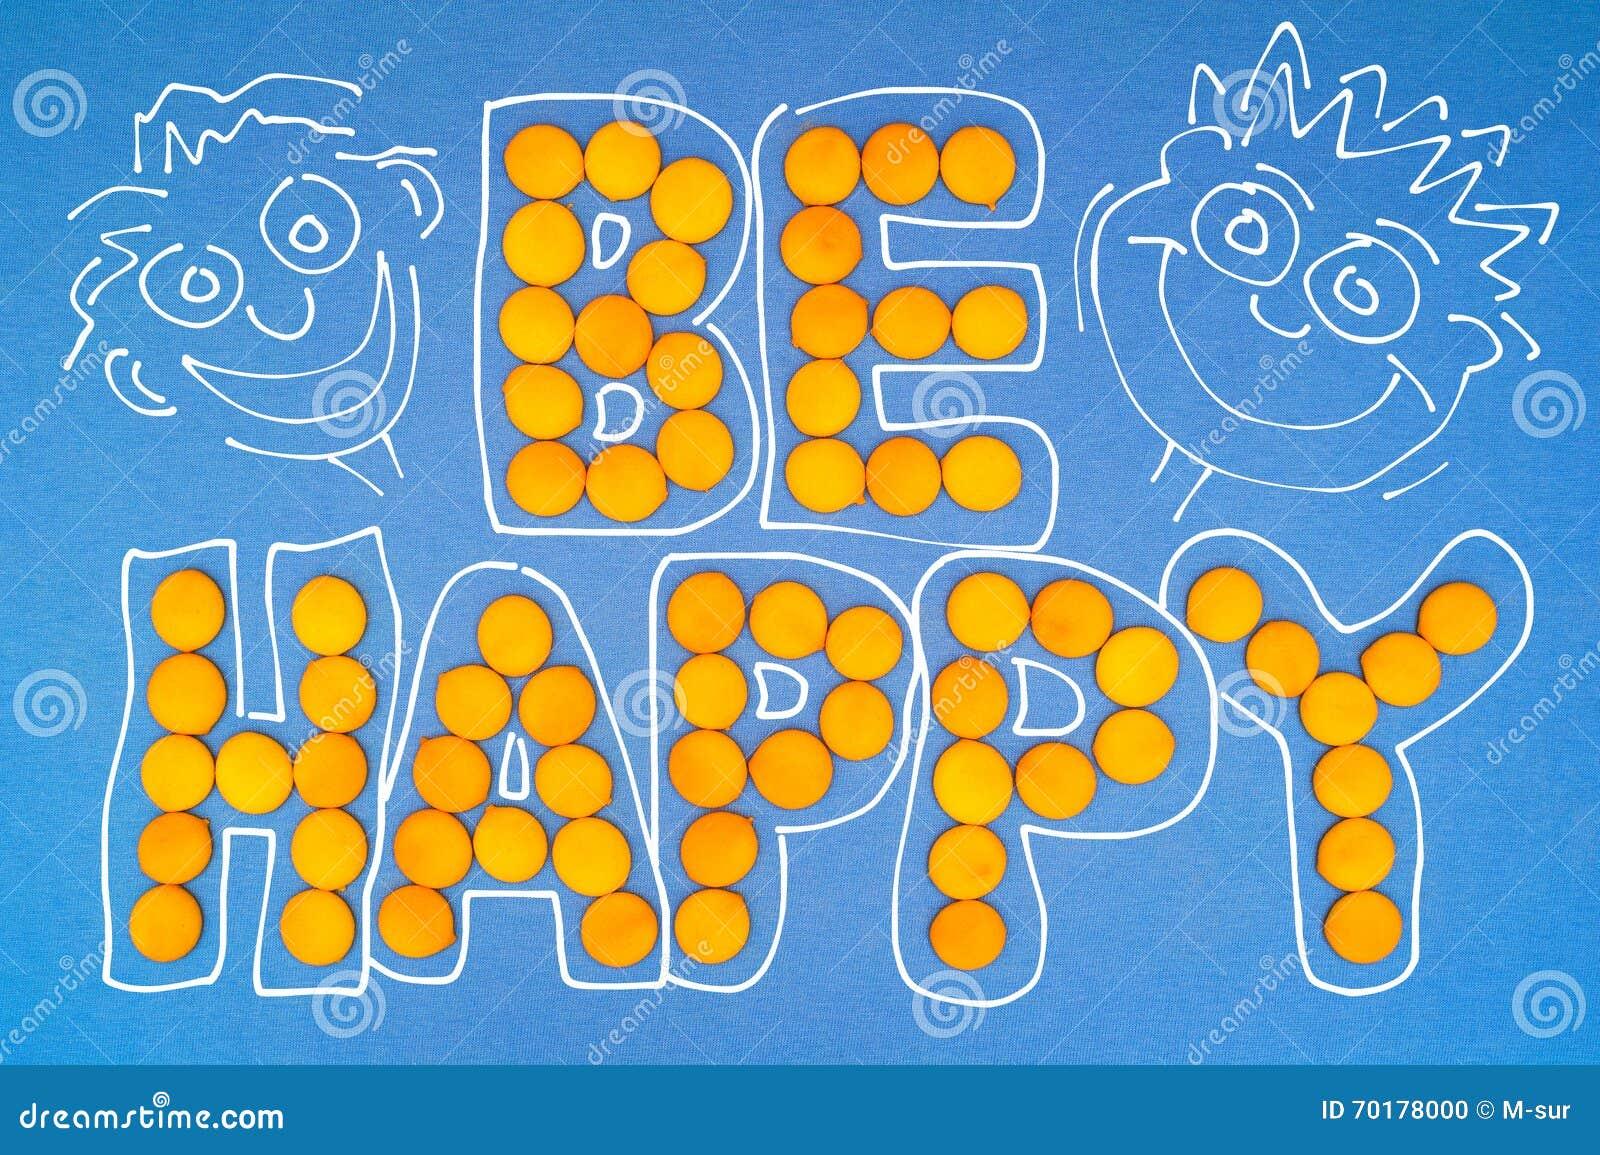 Motivation: Var lycklig